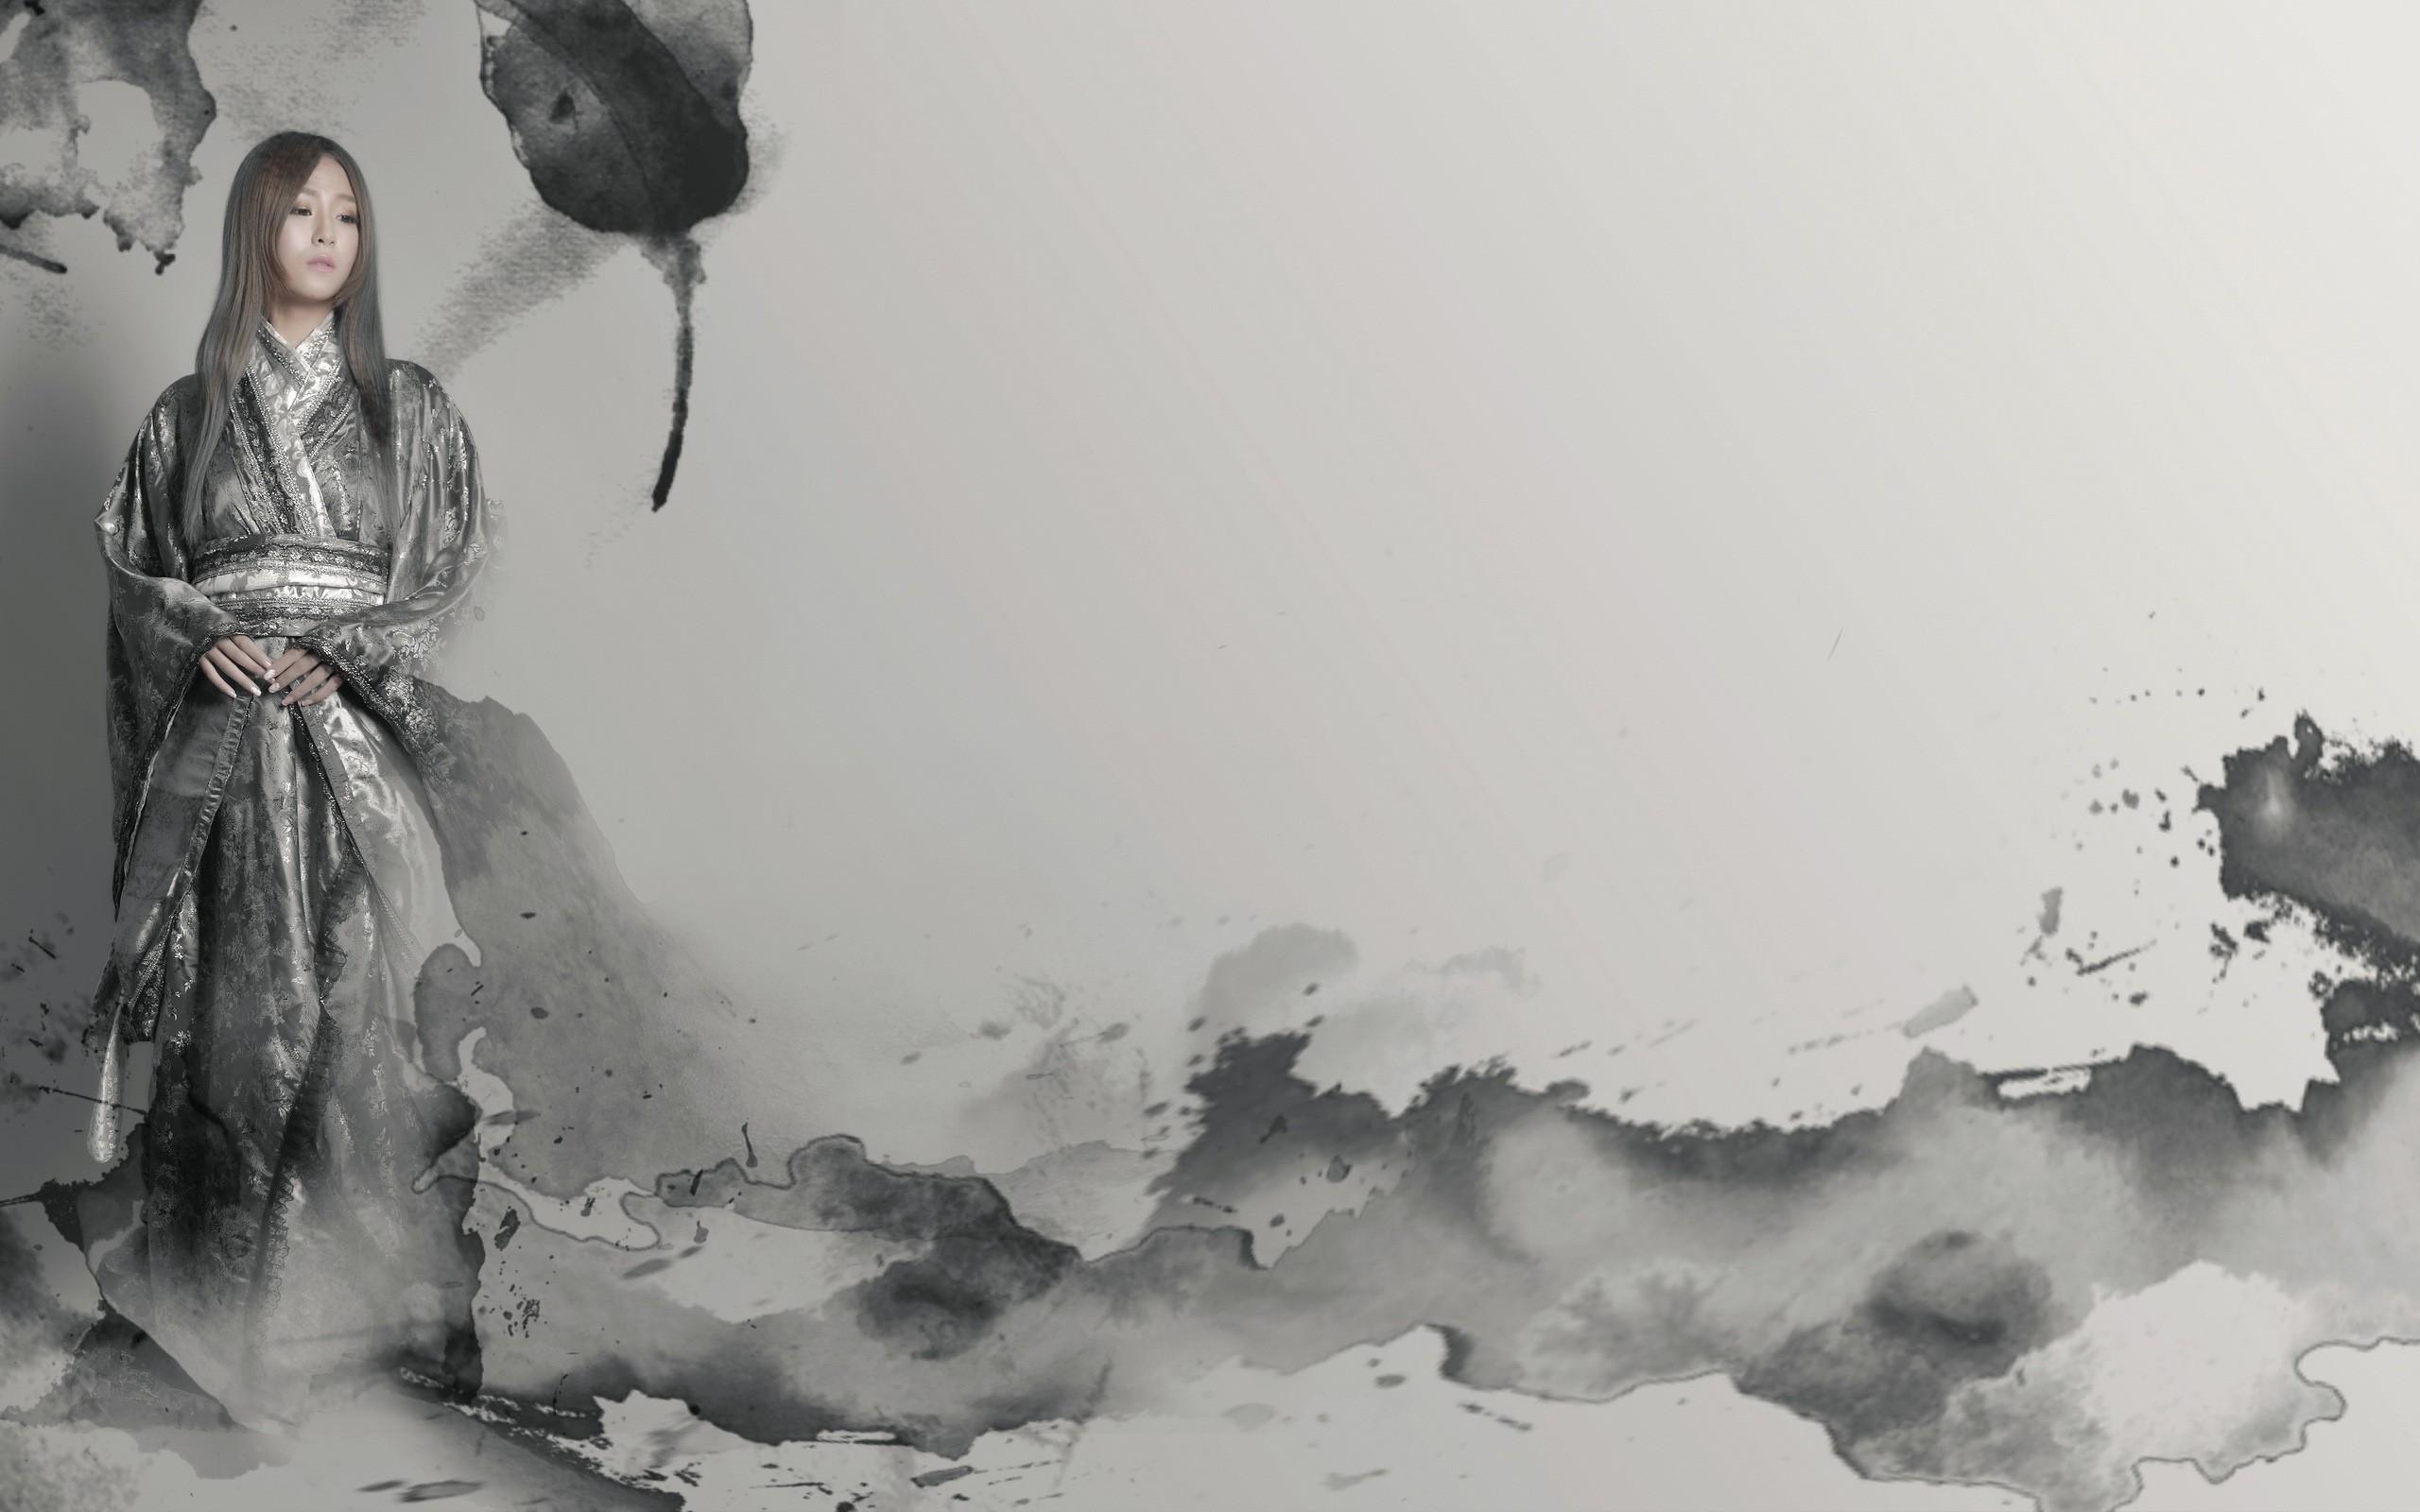 Fond D Ecran Dessin Femmes Monochrome Maquette Neige